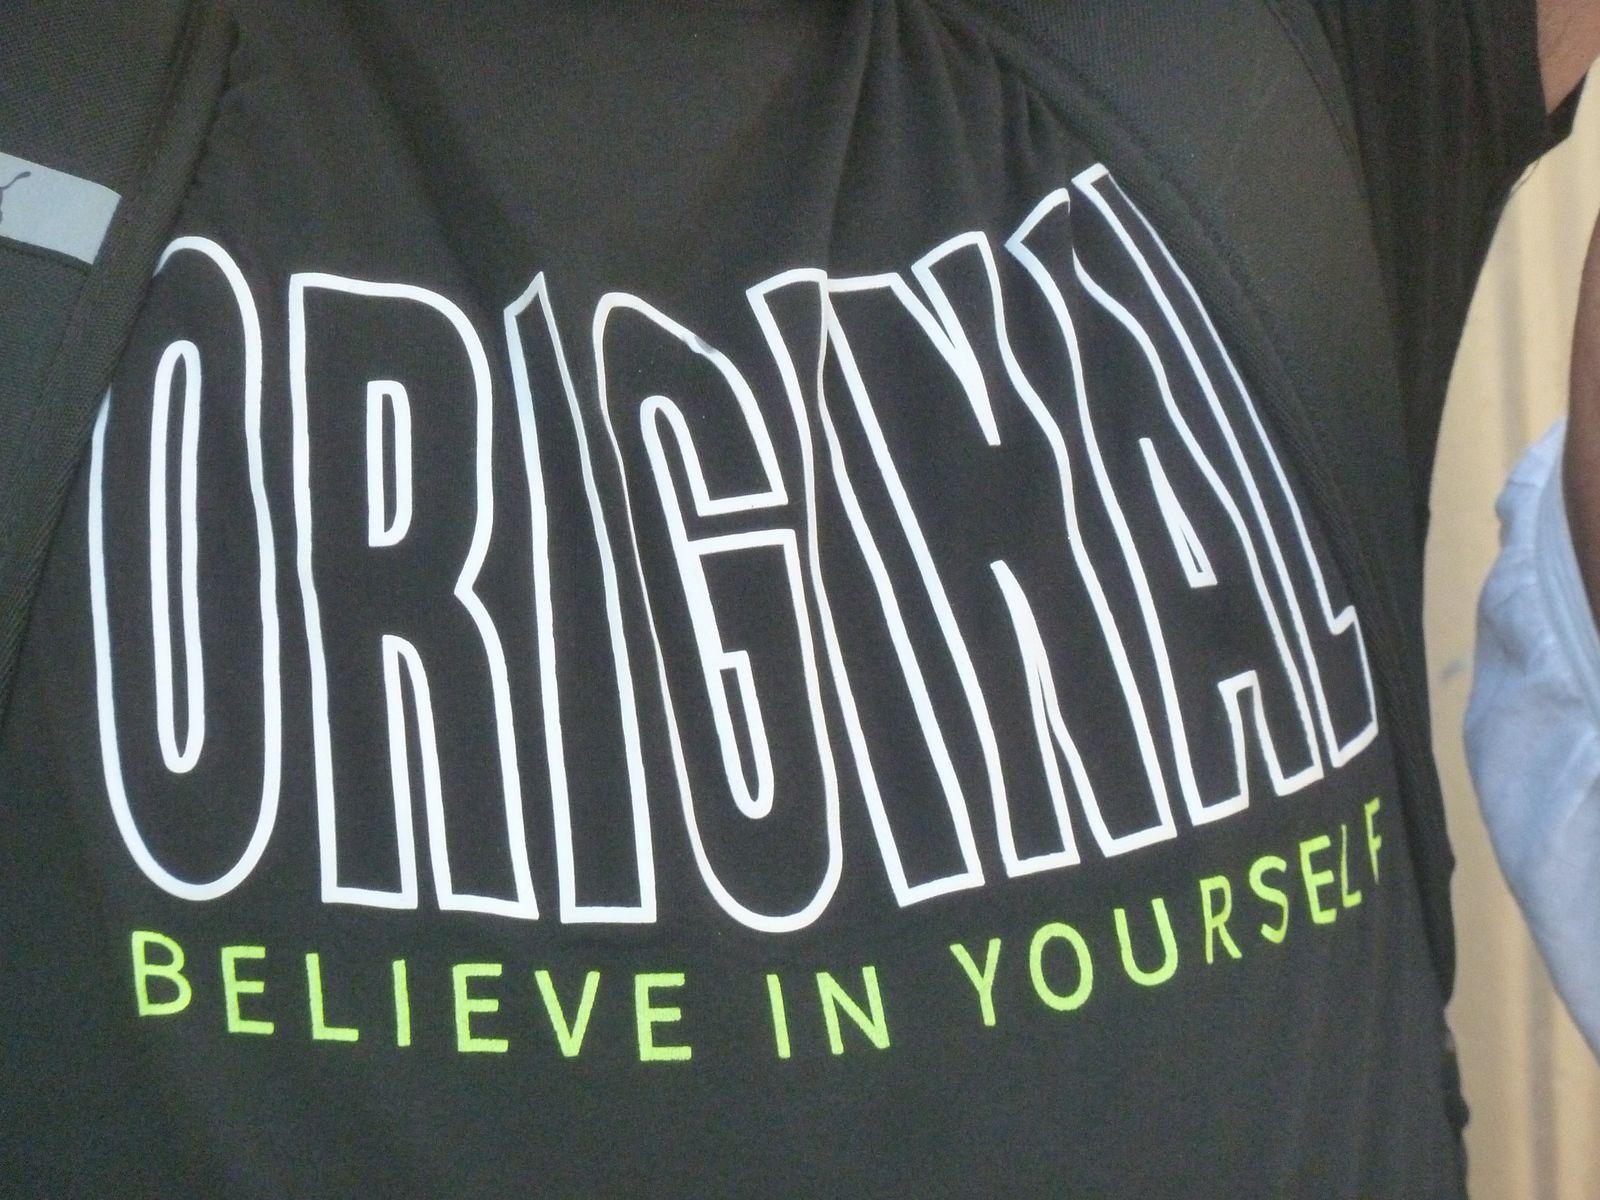 Si t'es original tu peux croire en toi...